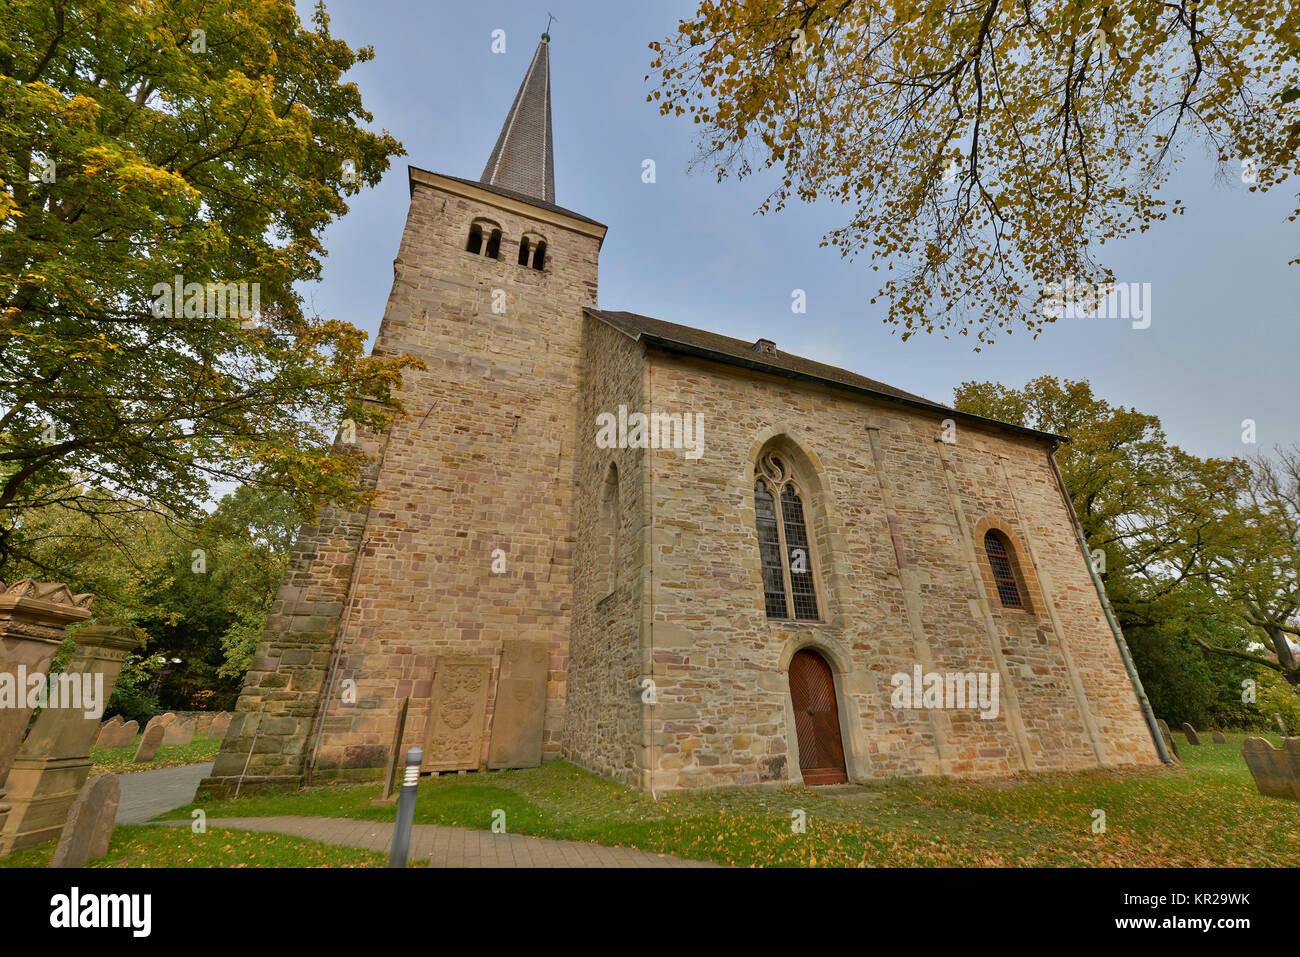 Iglesia de pueblo Stiepel, Brockhauser street, Stiepel, Bochum, Renania del Norte-Westfalia, Alemania, Dorfkirche Stiepel, Brockhauser Strasse, Nordrhein-Westf Foto de stock